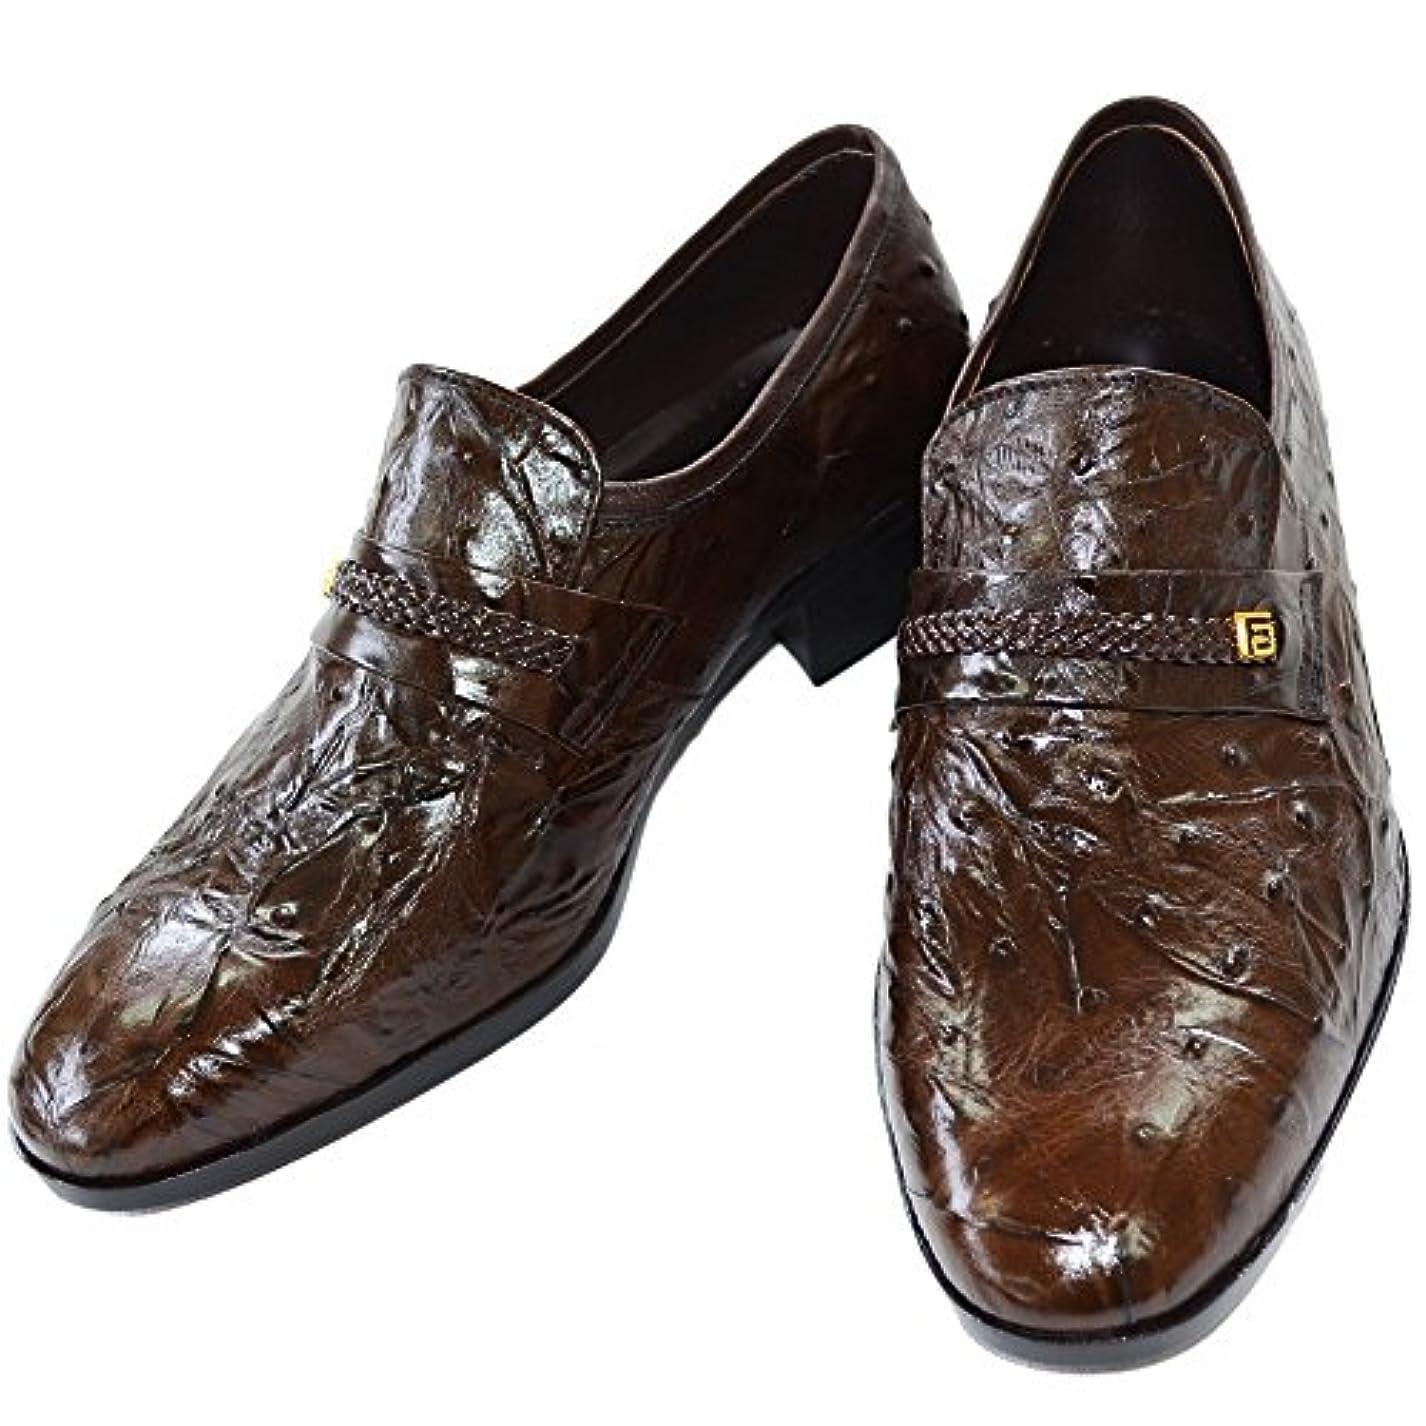 葉を拾う抵抗力がある天才(北嶋製靴工業所) KITAJIMA 【本革国産】ビジネスシューズ 絞りオーストゆったり幅広4EプレーンスリッポンNo.177(紳士靴 メンズシューズ 日本製 牛革カーフ)